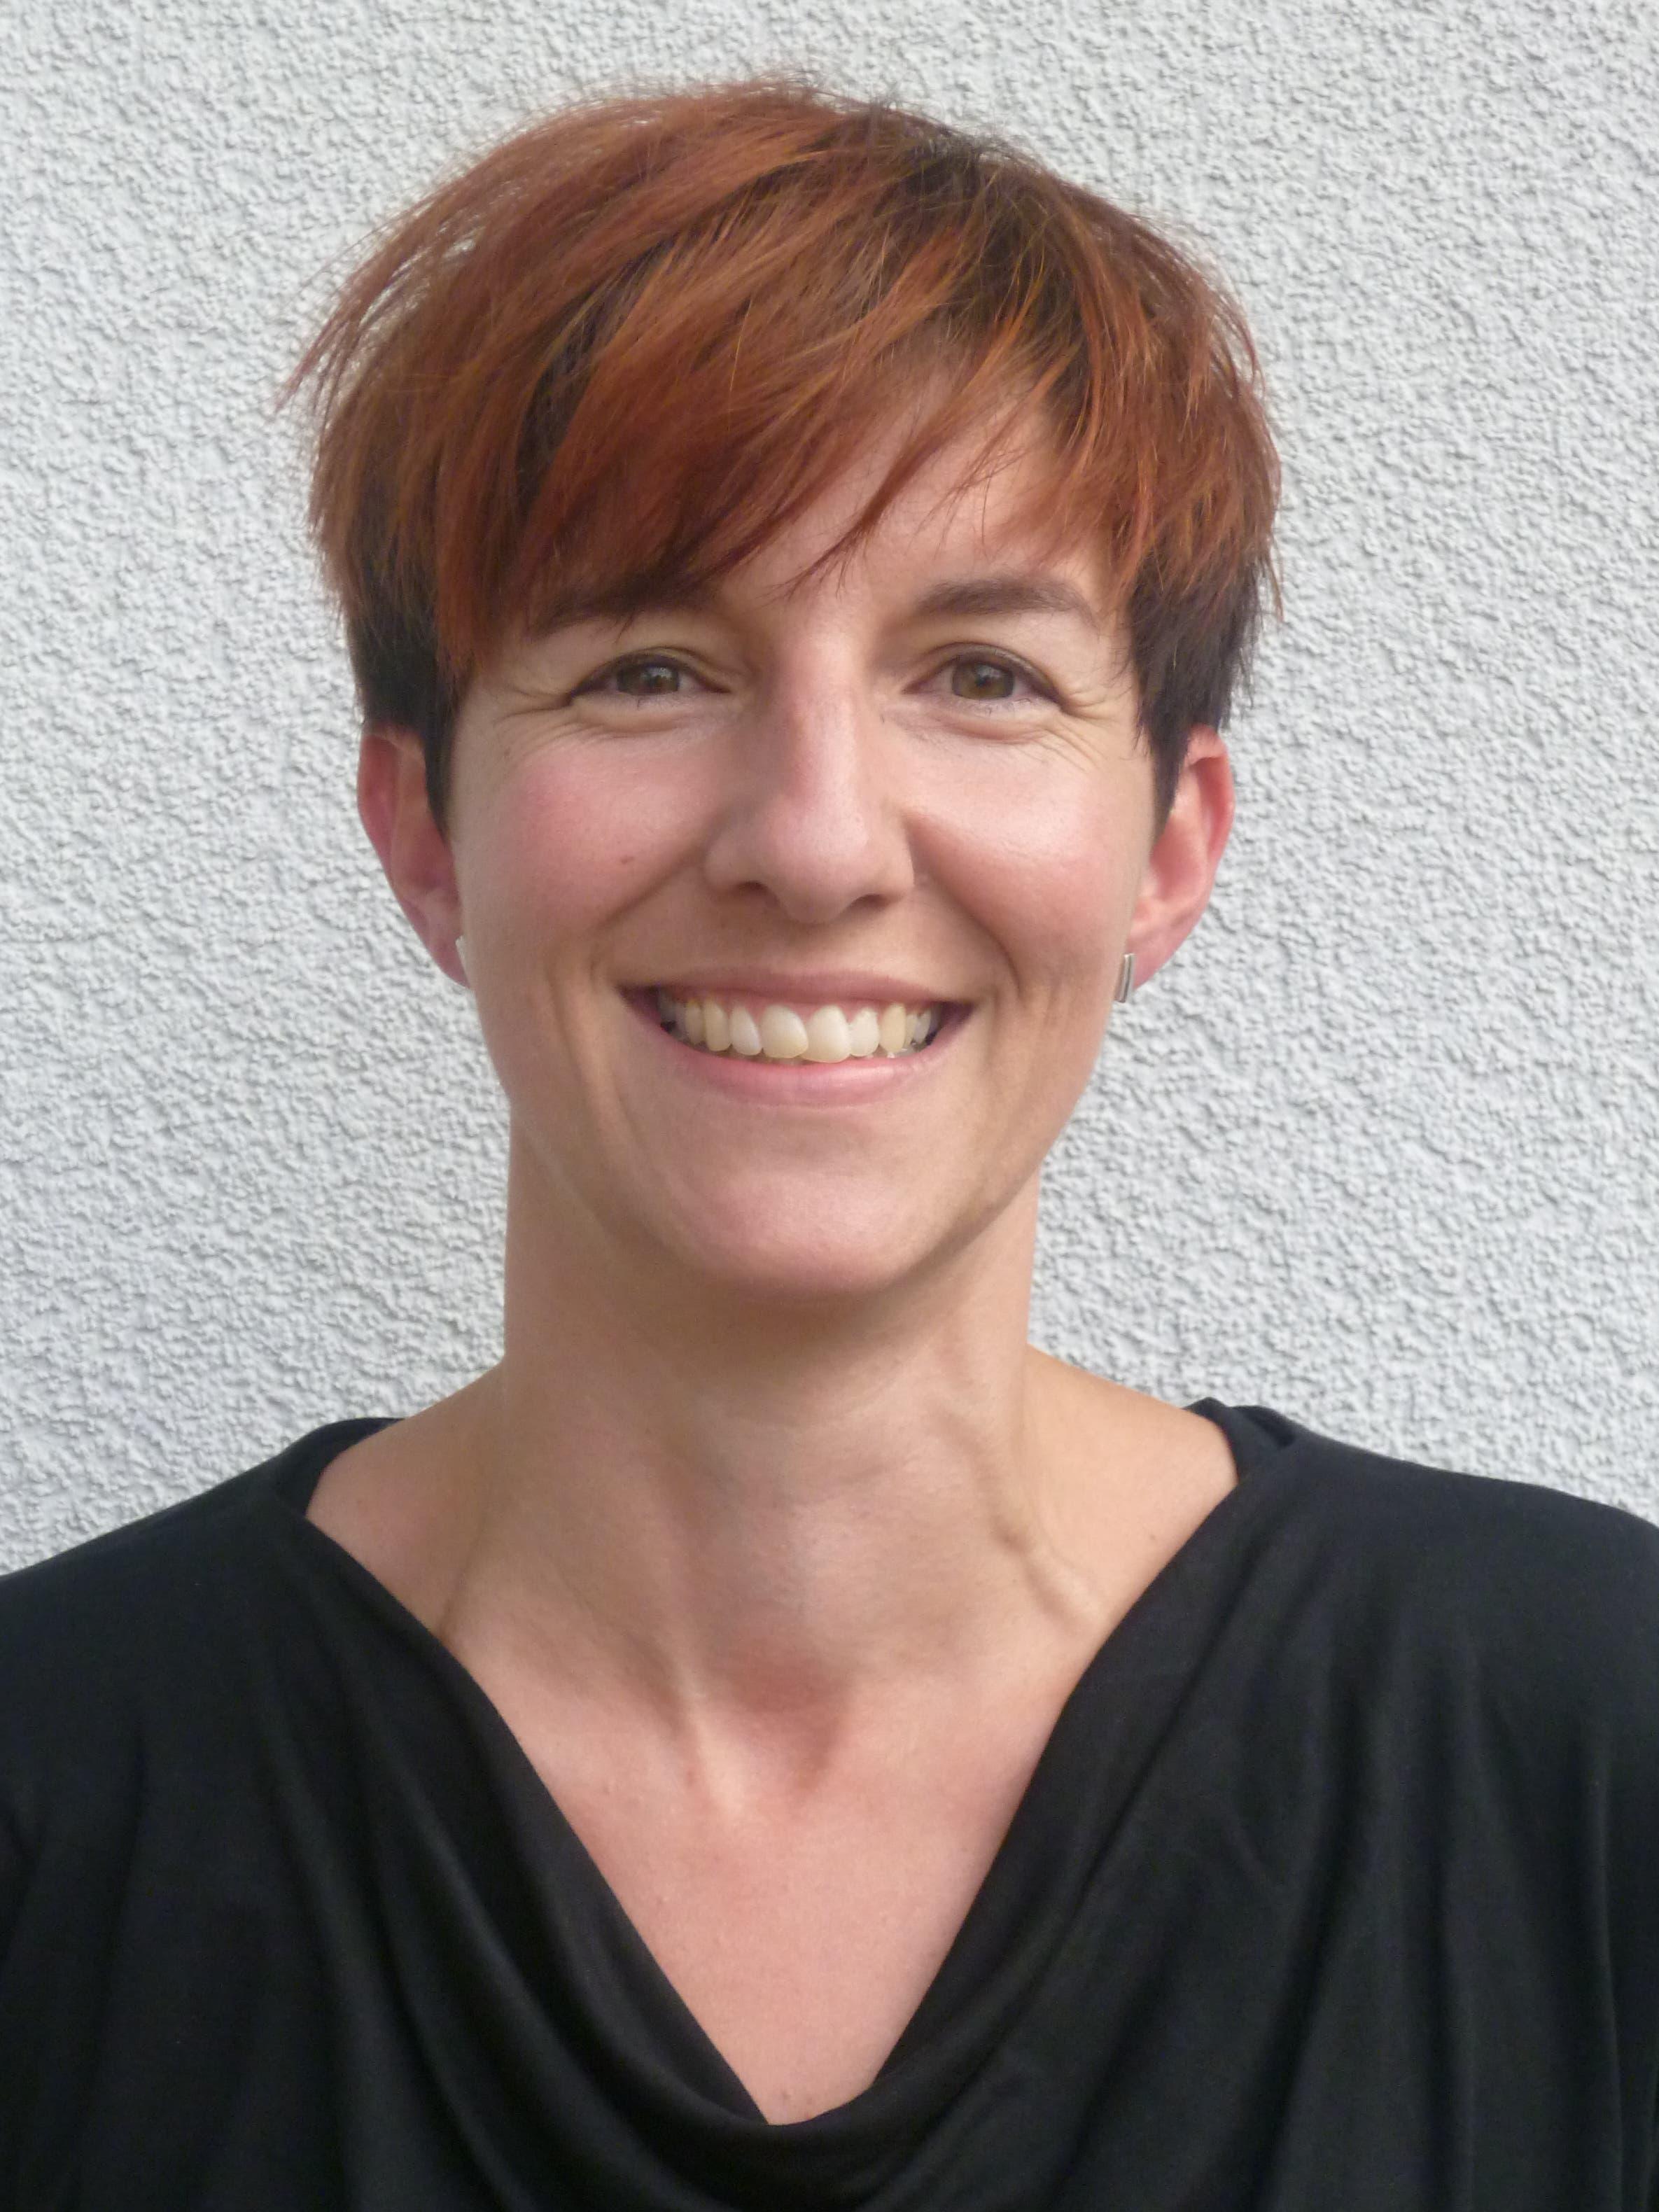 Gewählt: Chantal Filliger-Renggli, CVP (bisher)